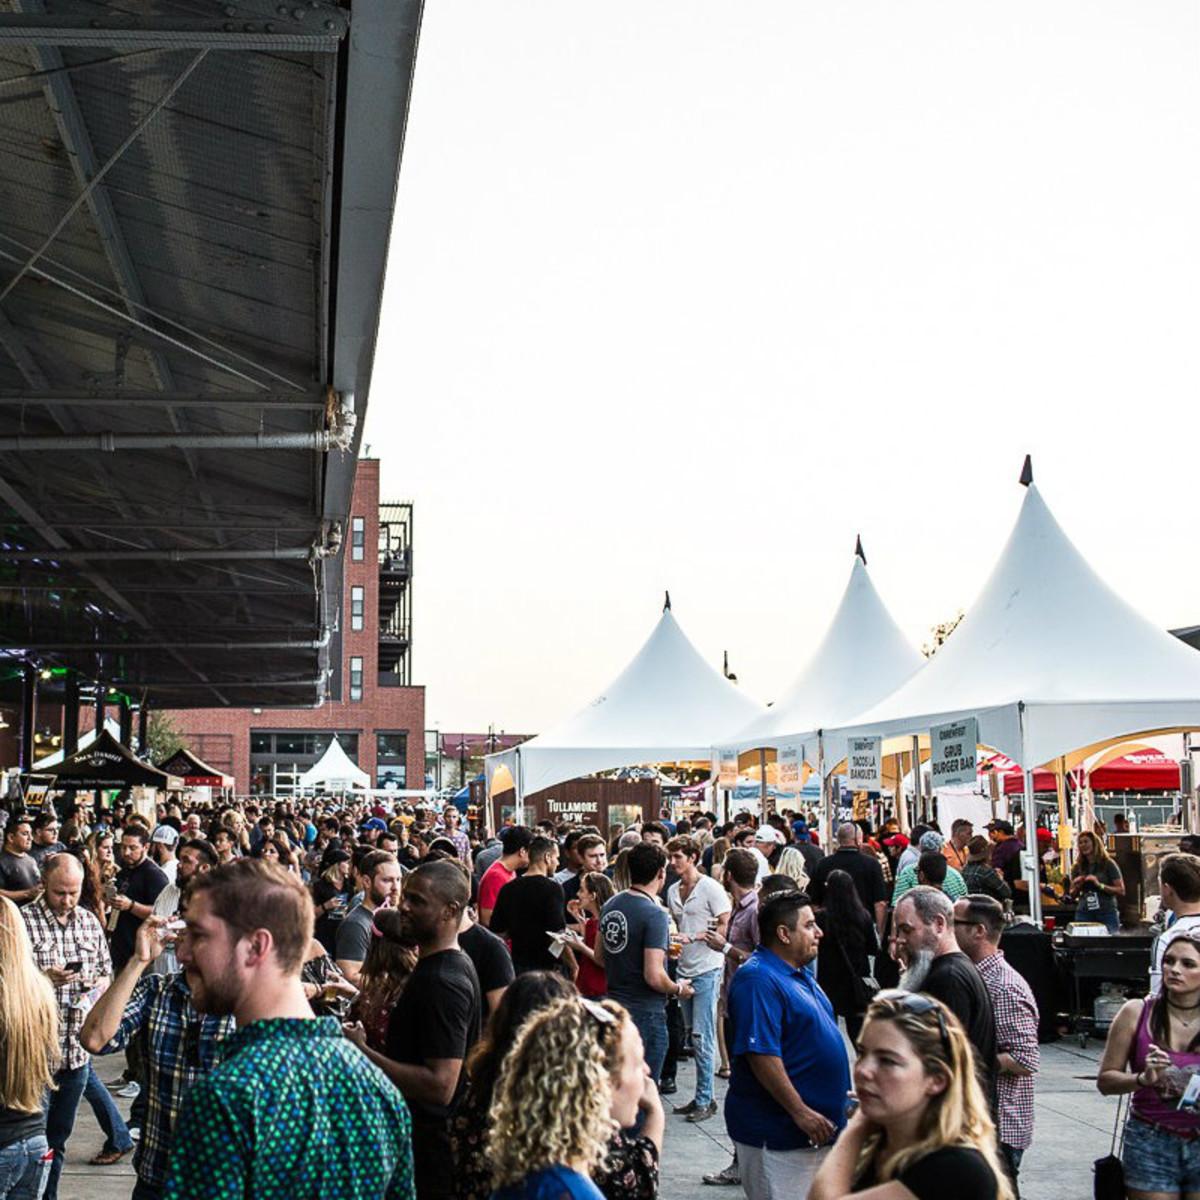 Dallas Brewfest at Dallas Farmers Market